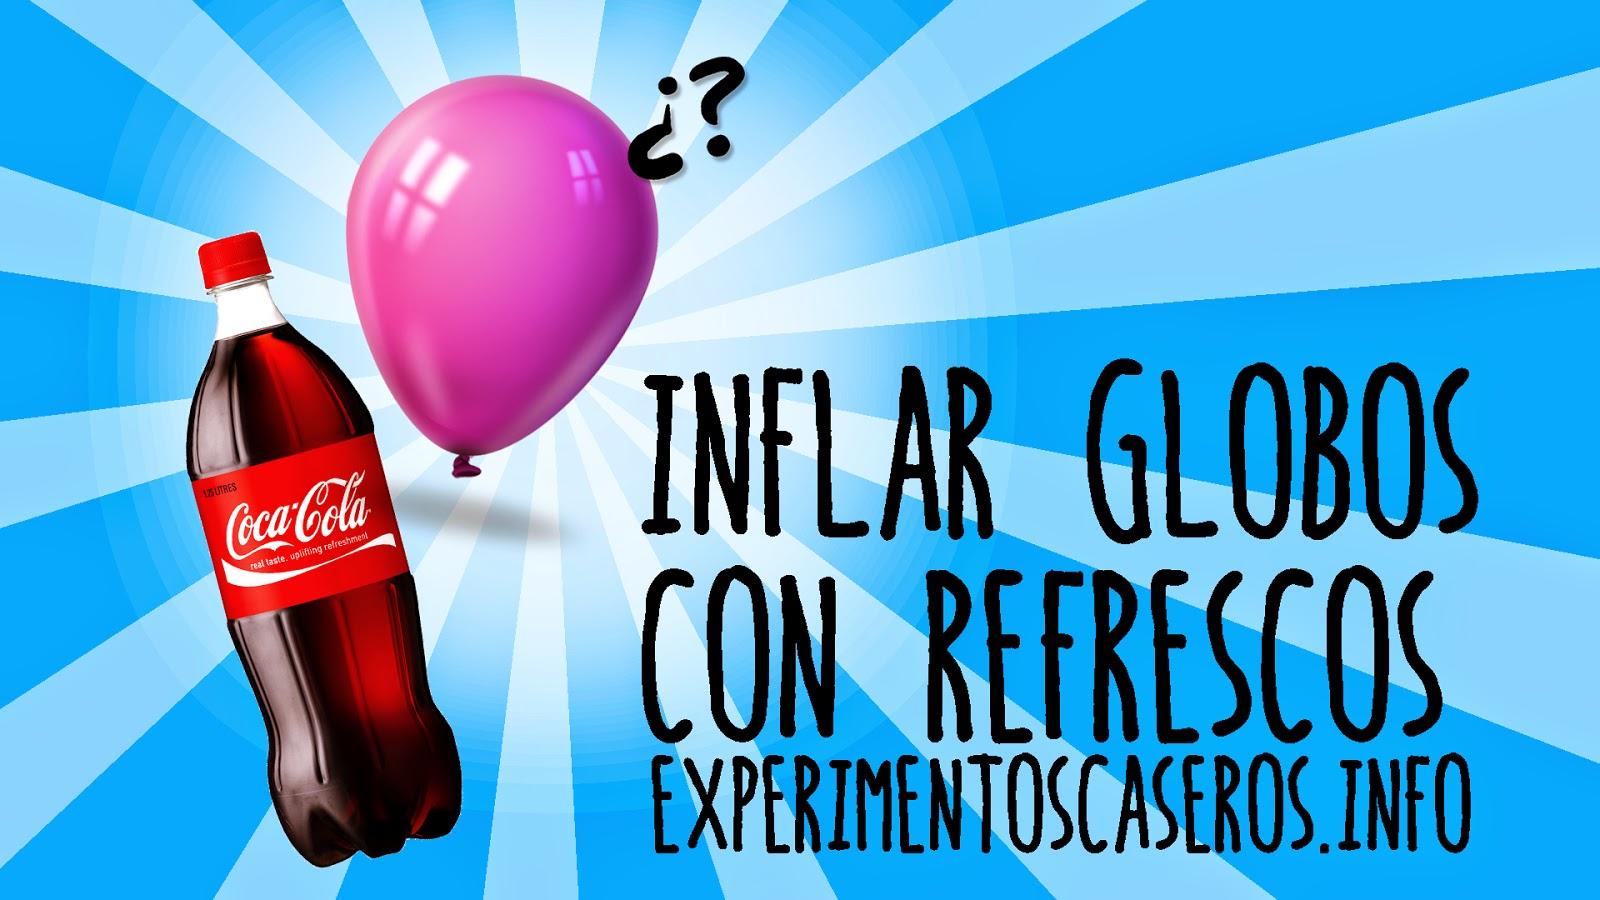 Cómo inflar un globo con Coca Cola, el globo que se infla solo, experimentos caseros, experimentos para niños, experimento, experimentos, experimento casero, ciencia, ciencia en casa, experimentos de ciencia, 100cia, experimentos sencillos, experimentos fáciles, experimentos de física, experimentos de química